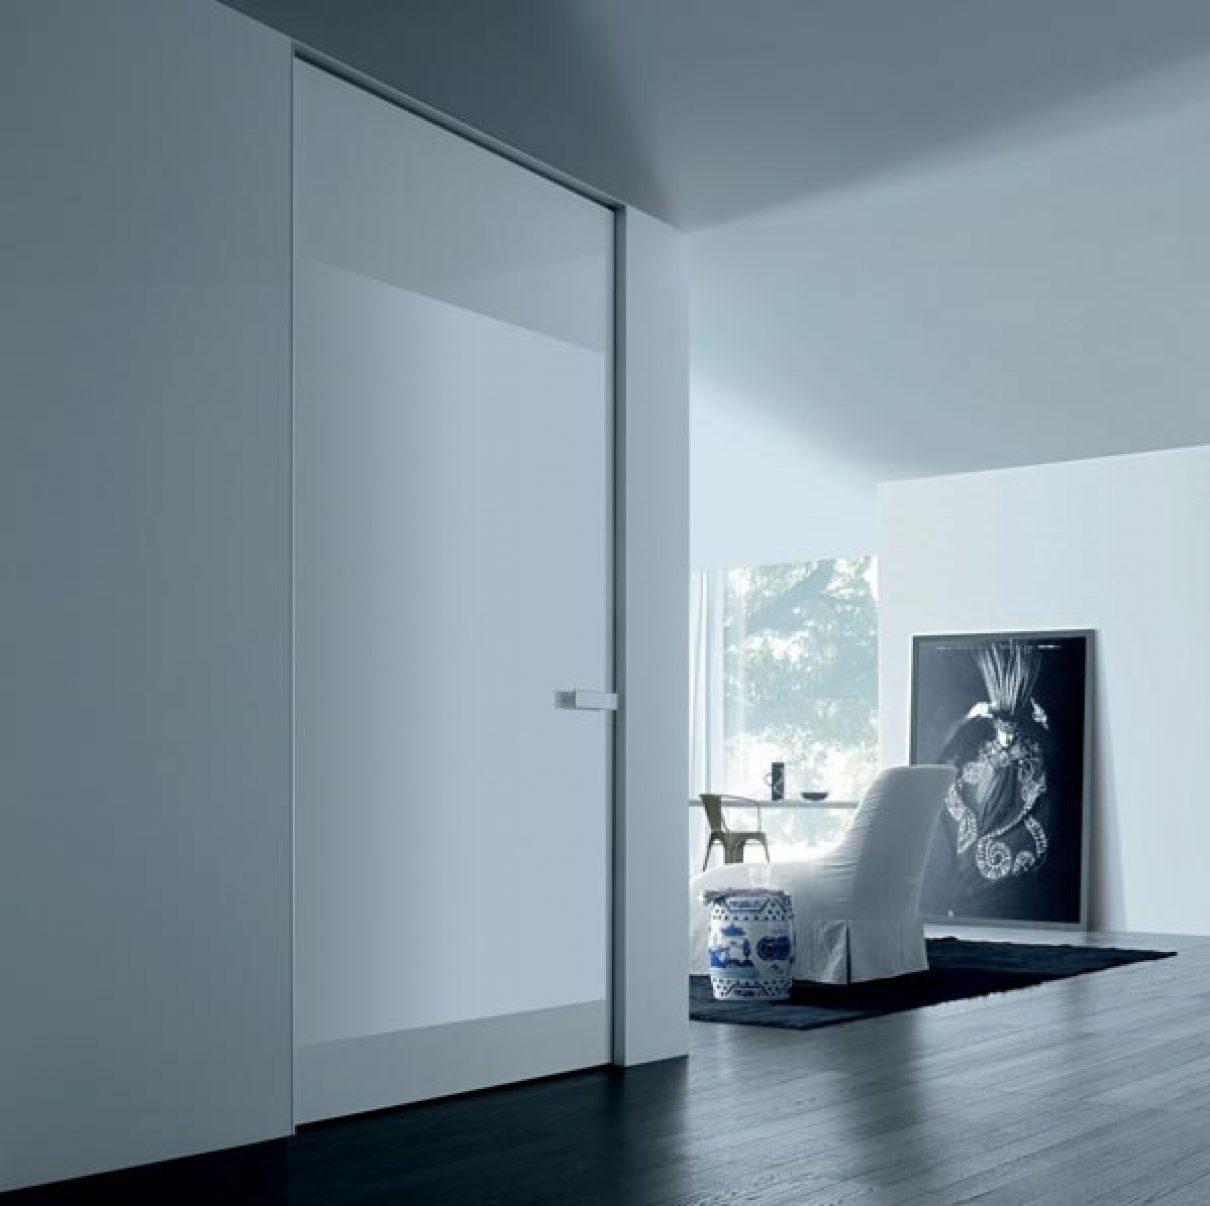 Minimalistische deur met magneet sluiting